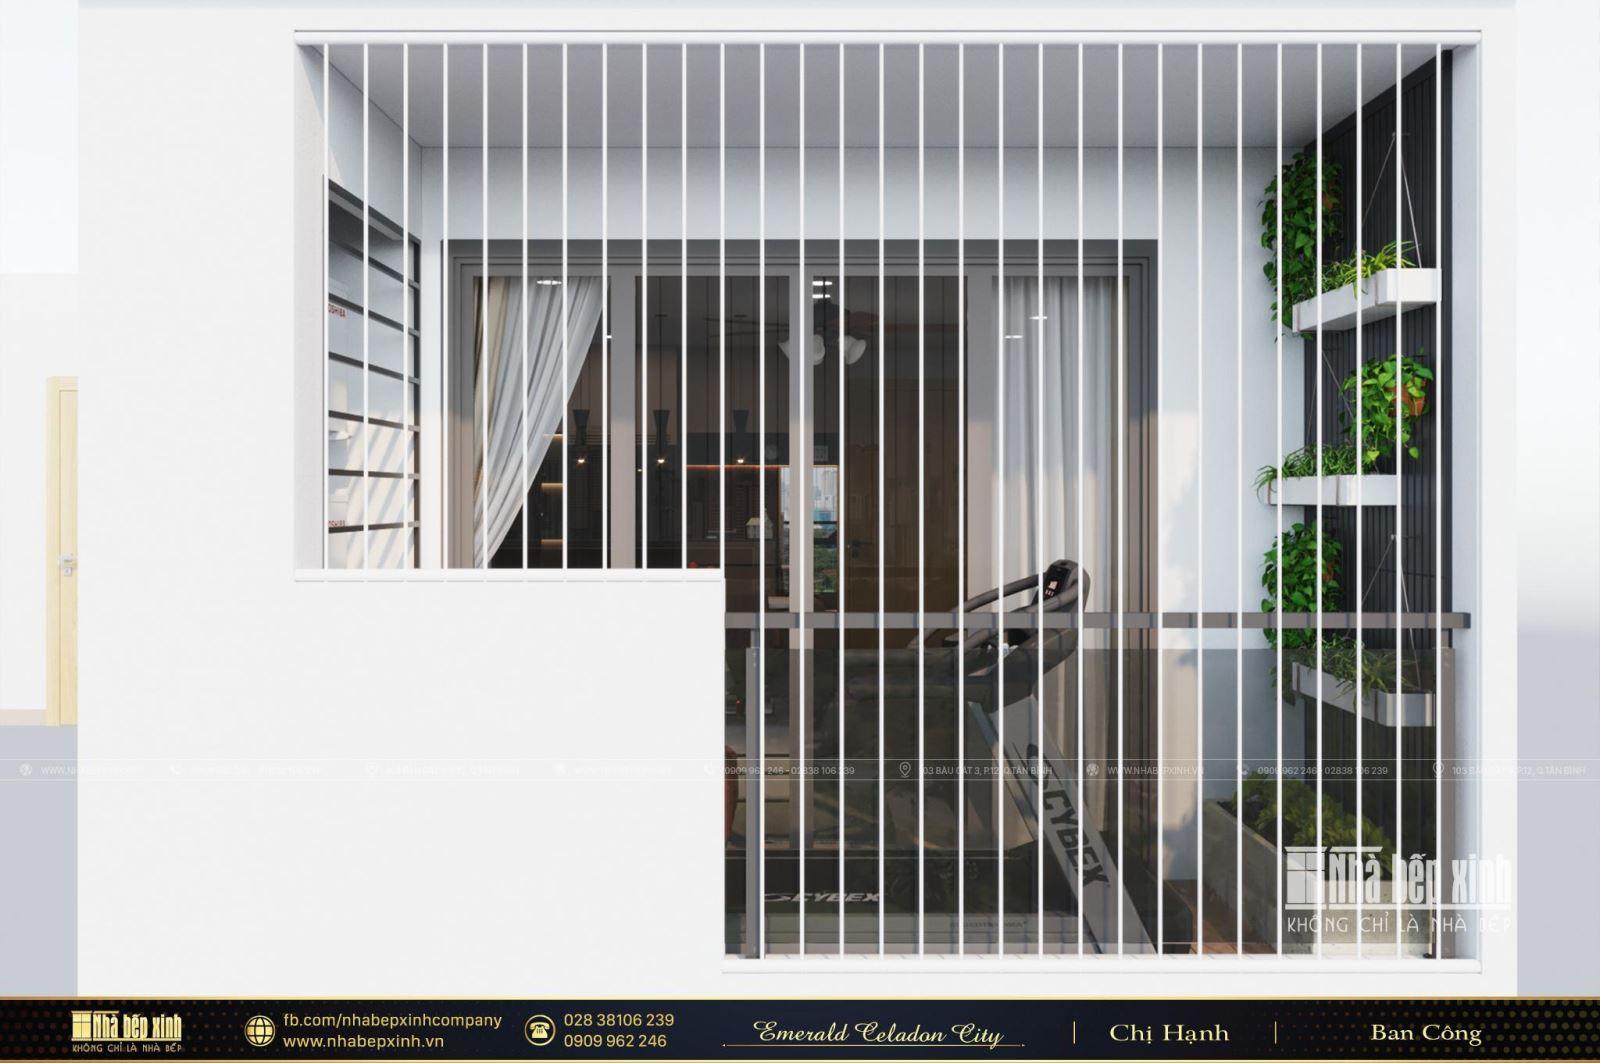 Thiết kế và thi công nội thất chung cư hiện đại căn hộ Emerald Celadon City 112m2